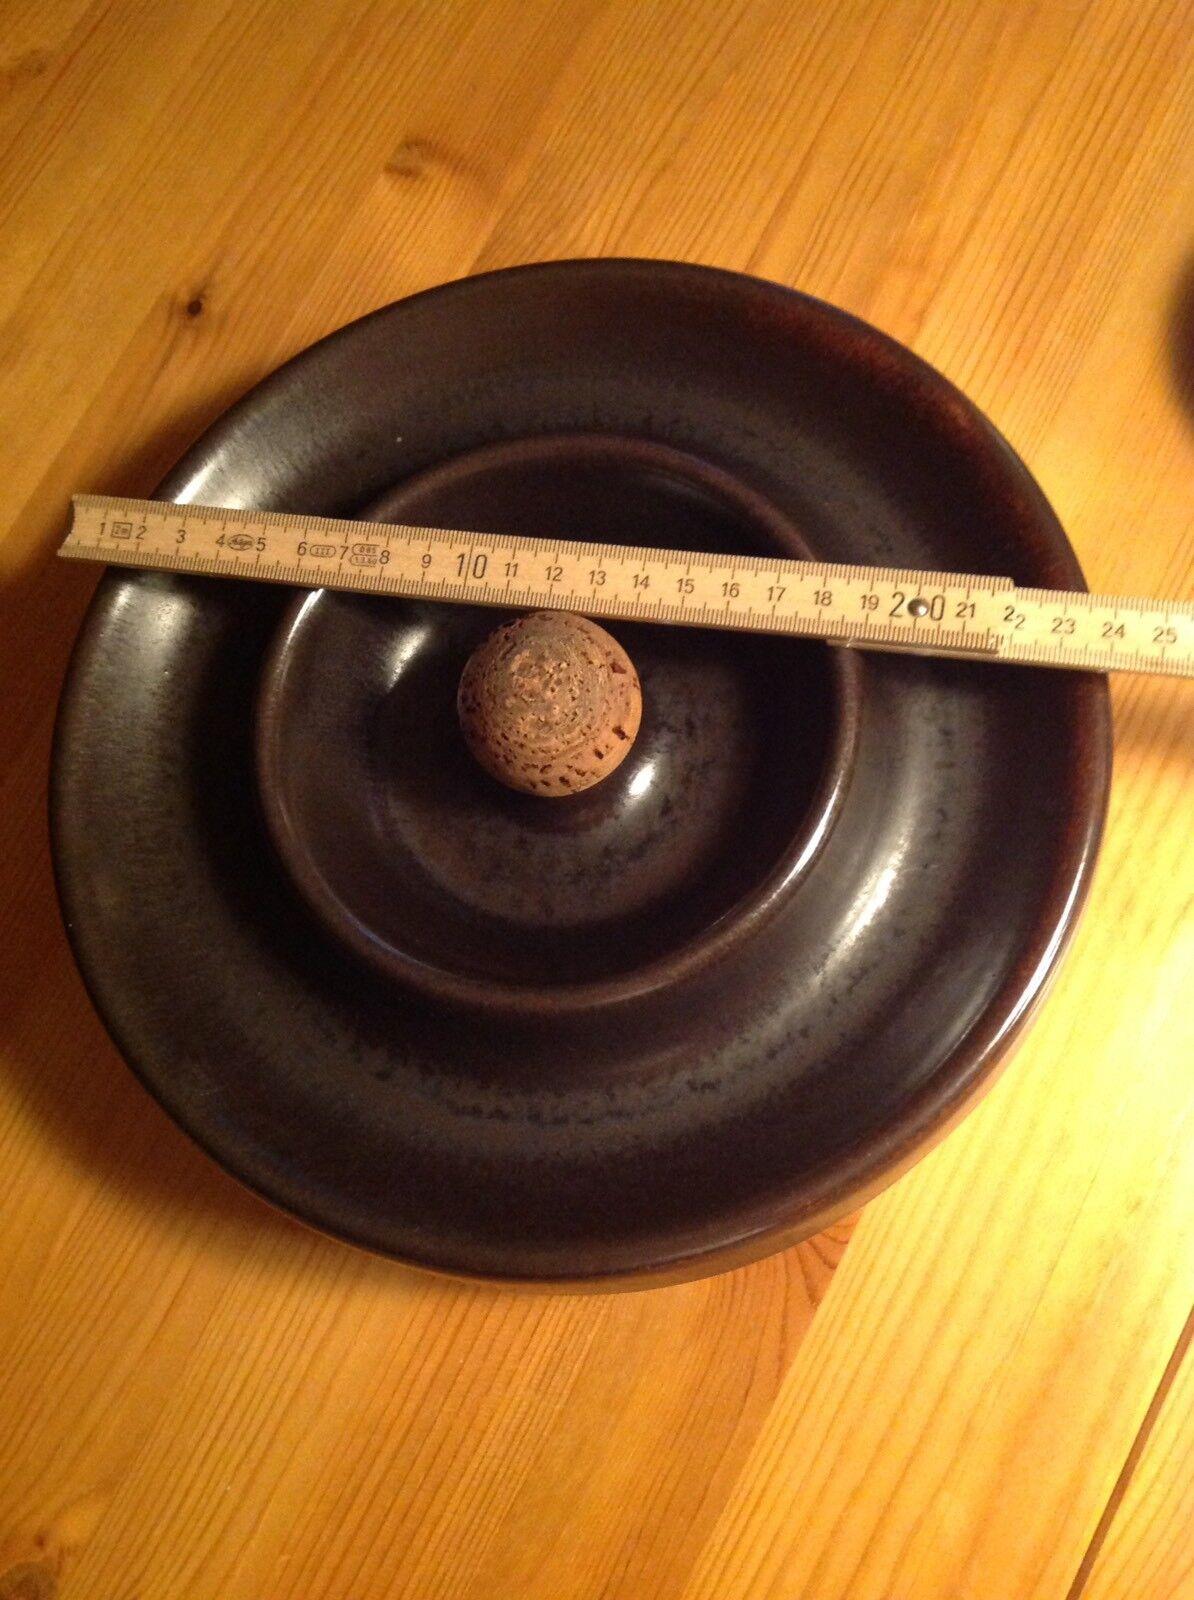 Größer Pfeifenascher, Keramik (braun), Ascher für Pfeifen & Zigarren